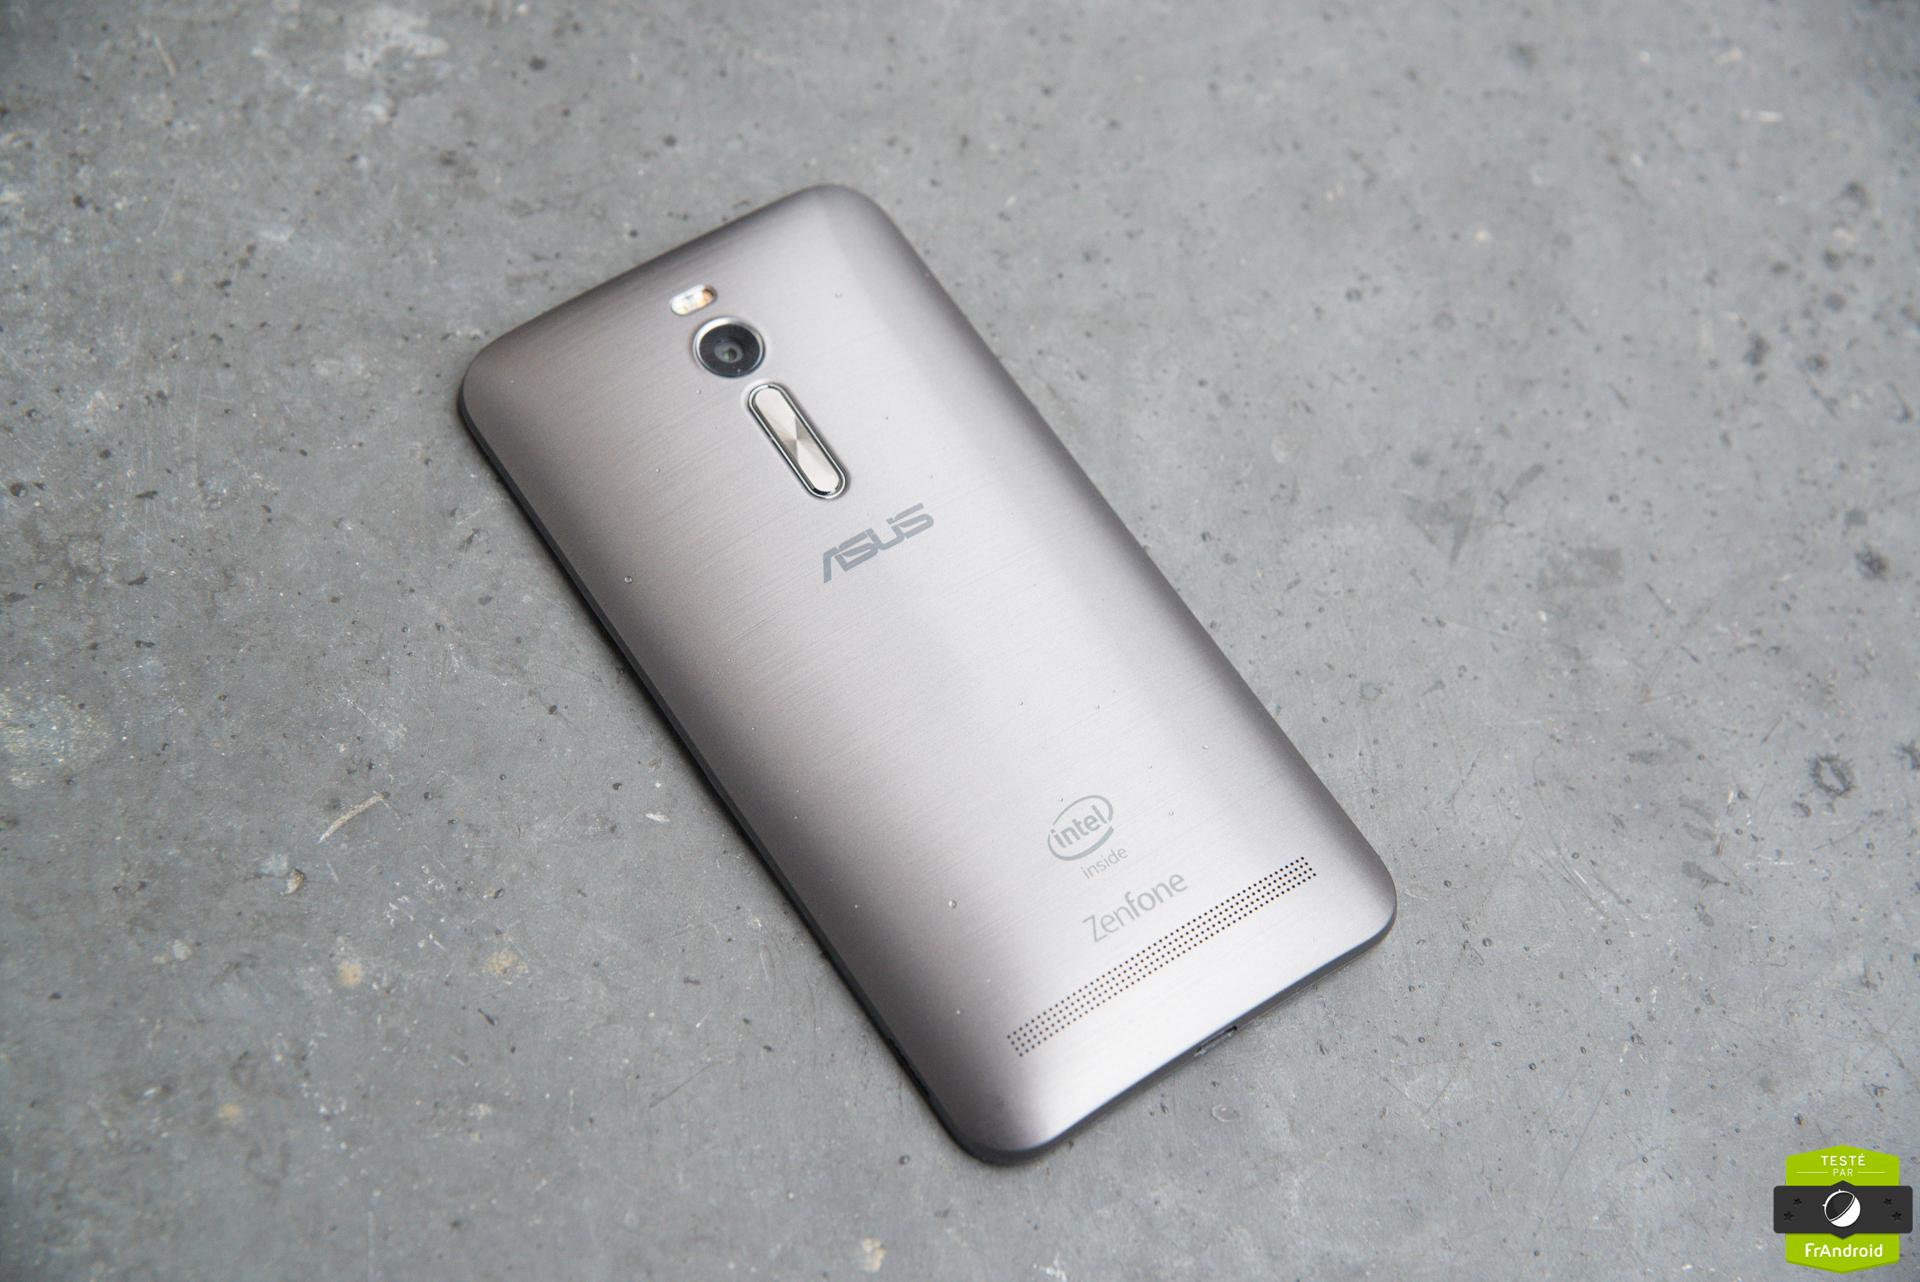 Test Asus Zenfone 2 Ze551ml Notre Avis Complet Smartphones 2gb 16 3